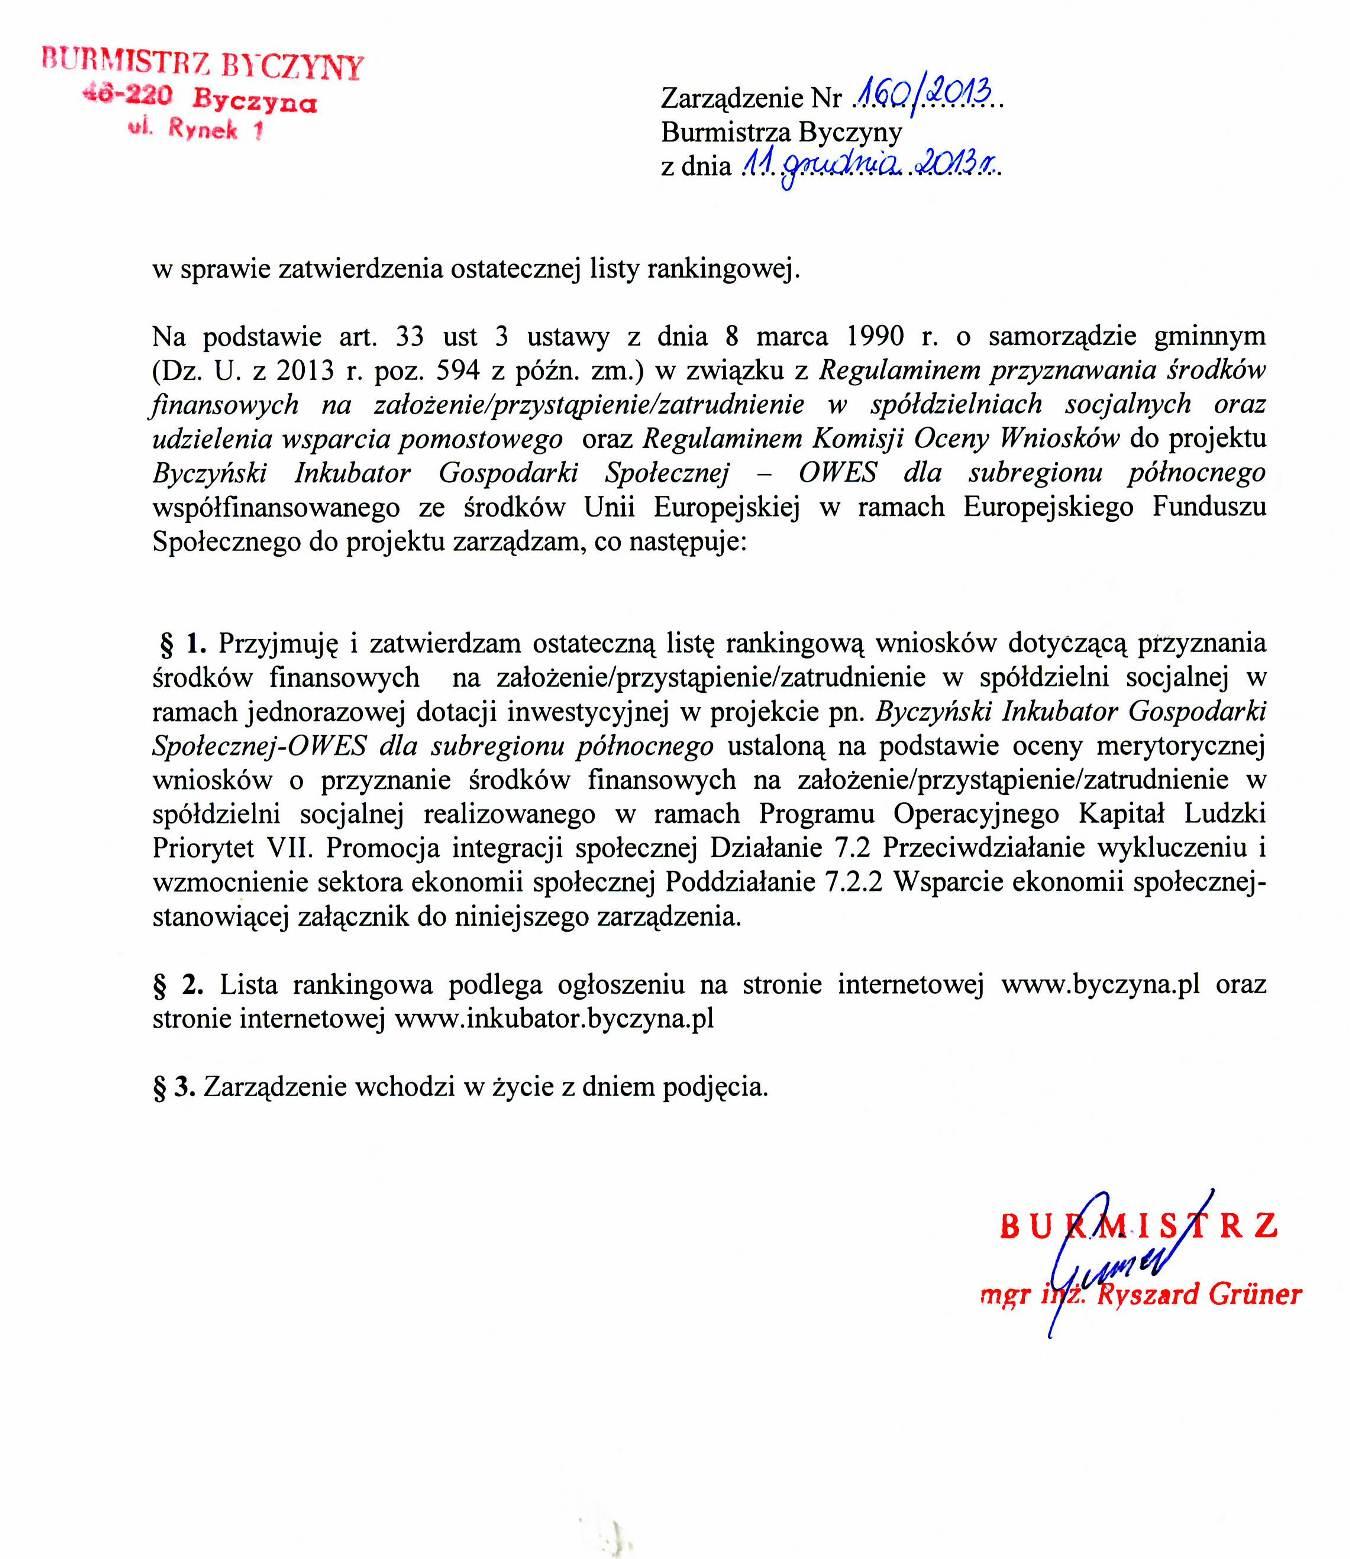 Zarządzenie Burmistrza Byczyny z dnia 11.12.2013 r. w sprawie zatwierdzenia  ostatecznej listy rankingowej.jpeg